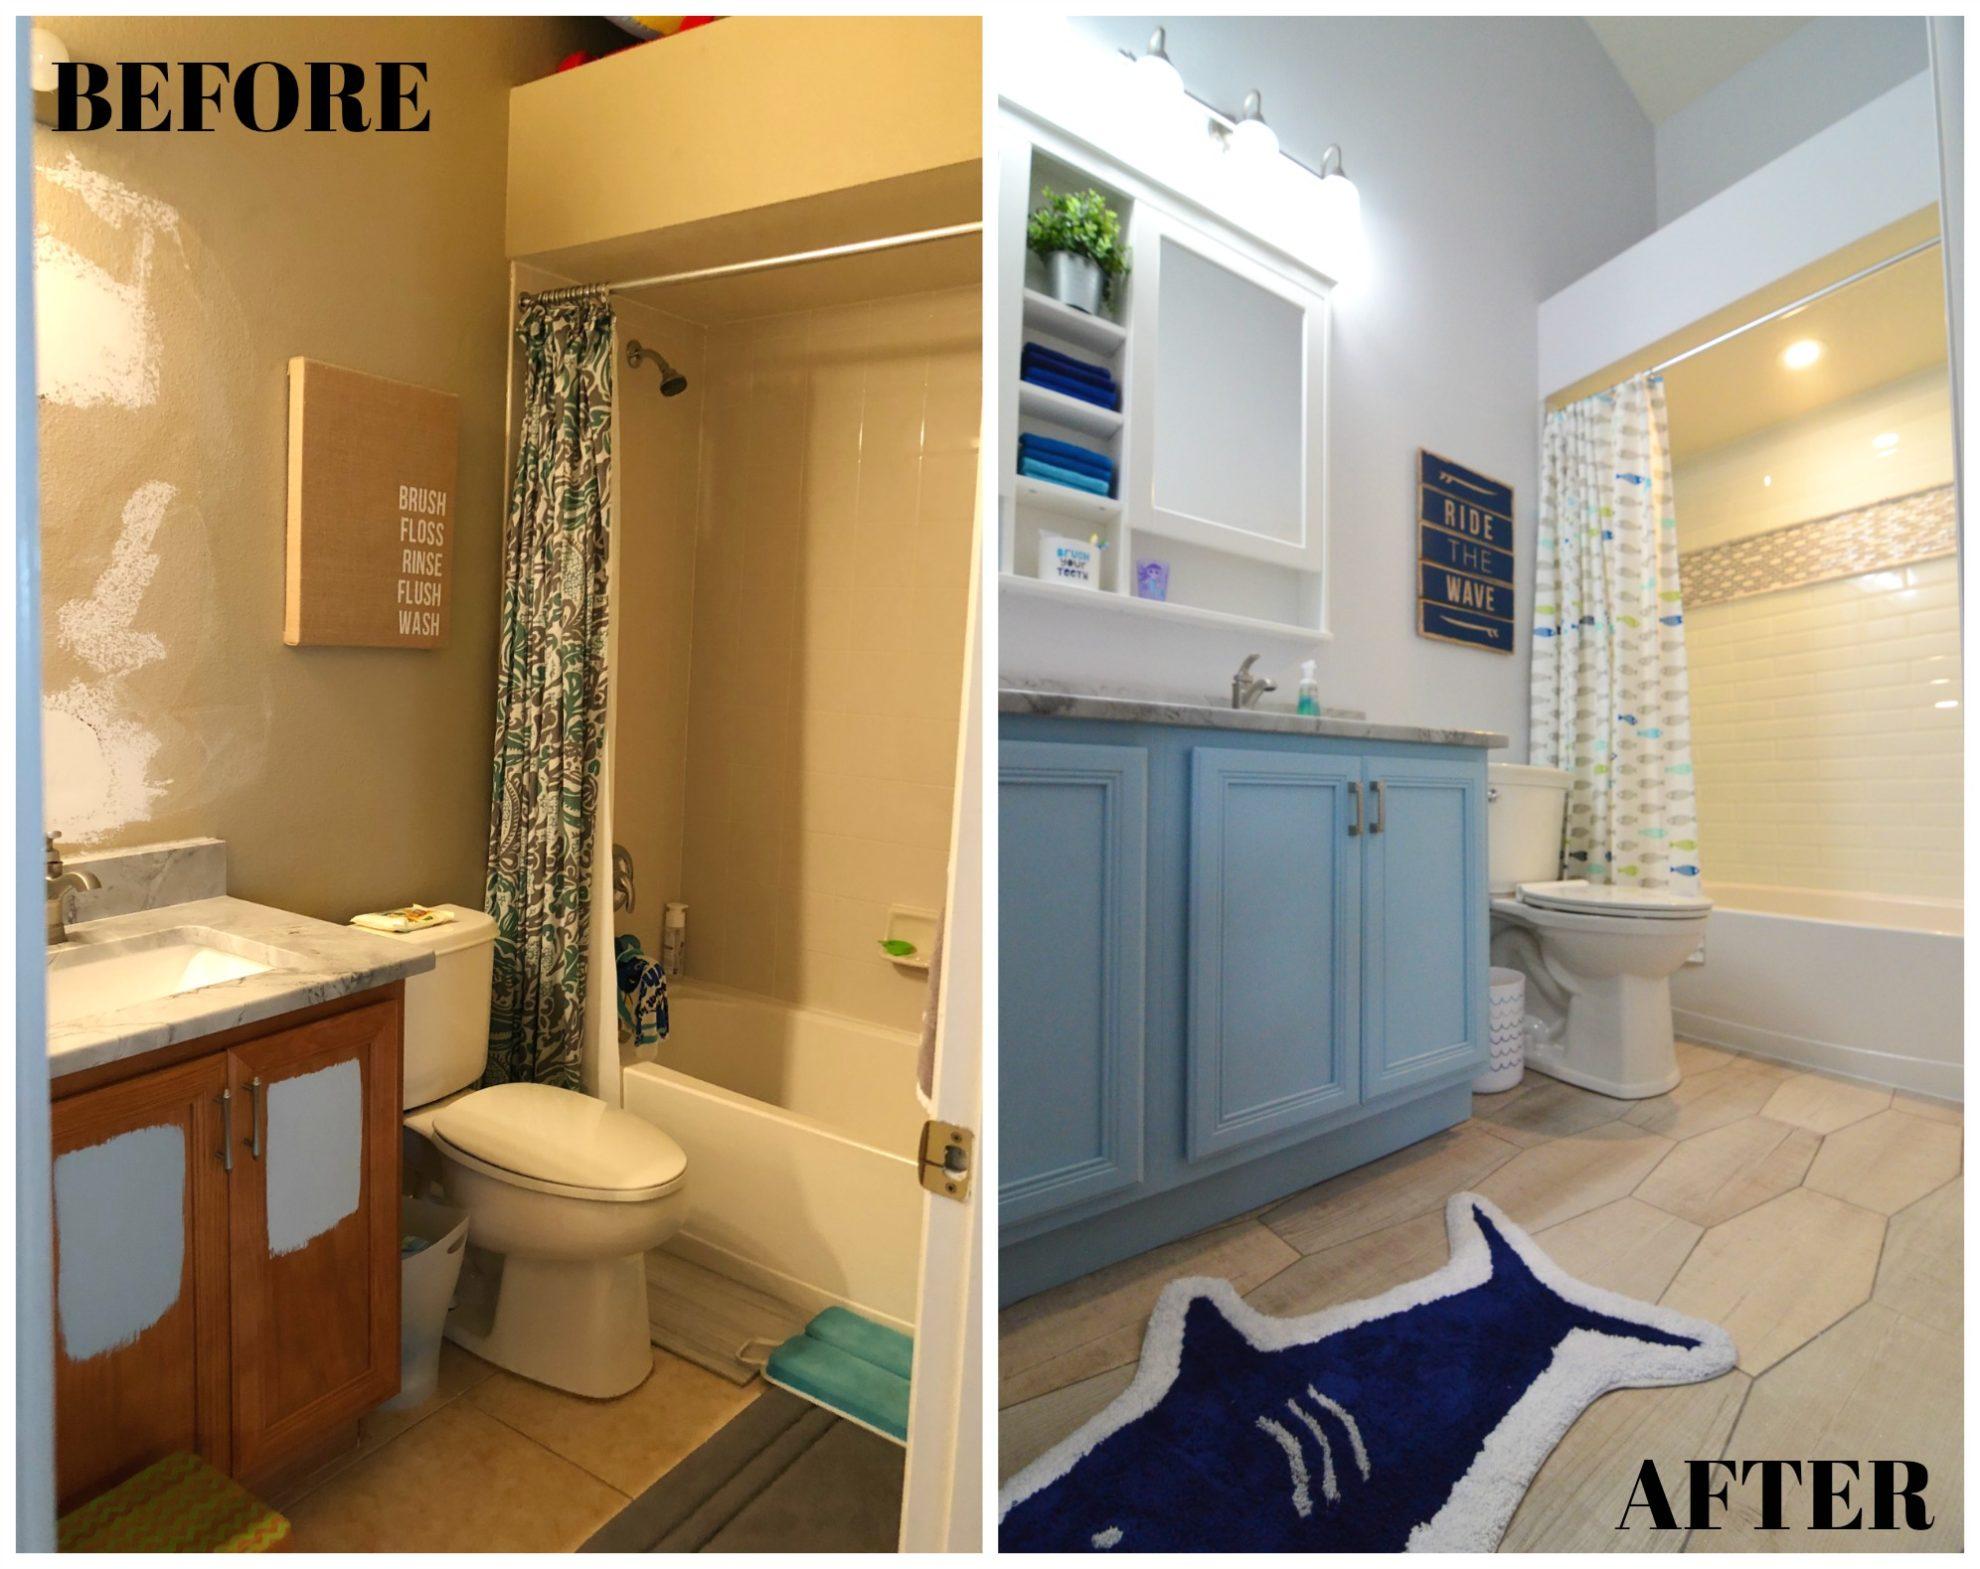 Kids Bathroom Renovation BEFORE & AFTER Bathroom Tile Floor and Shower